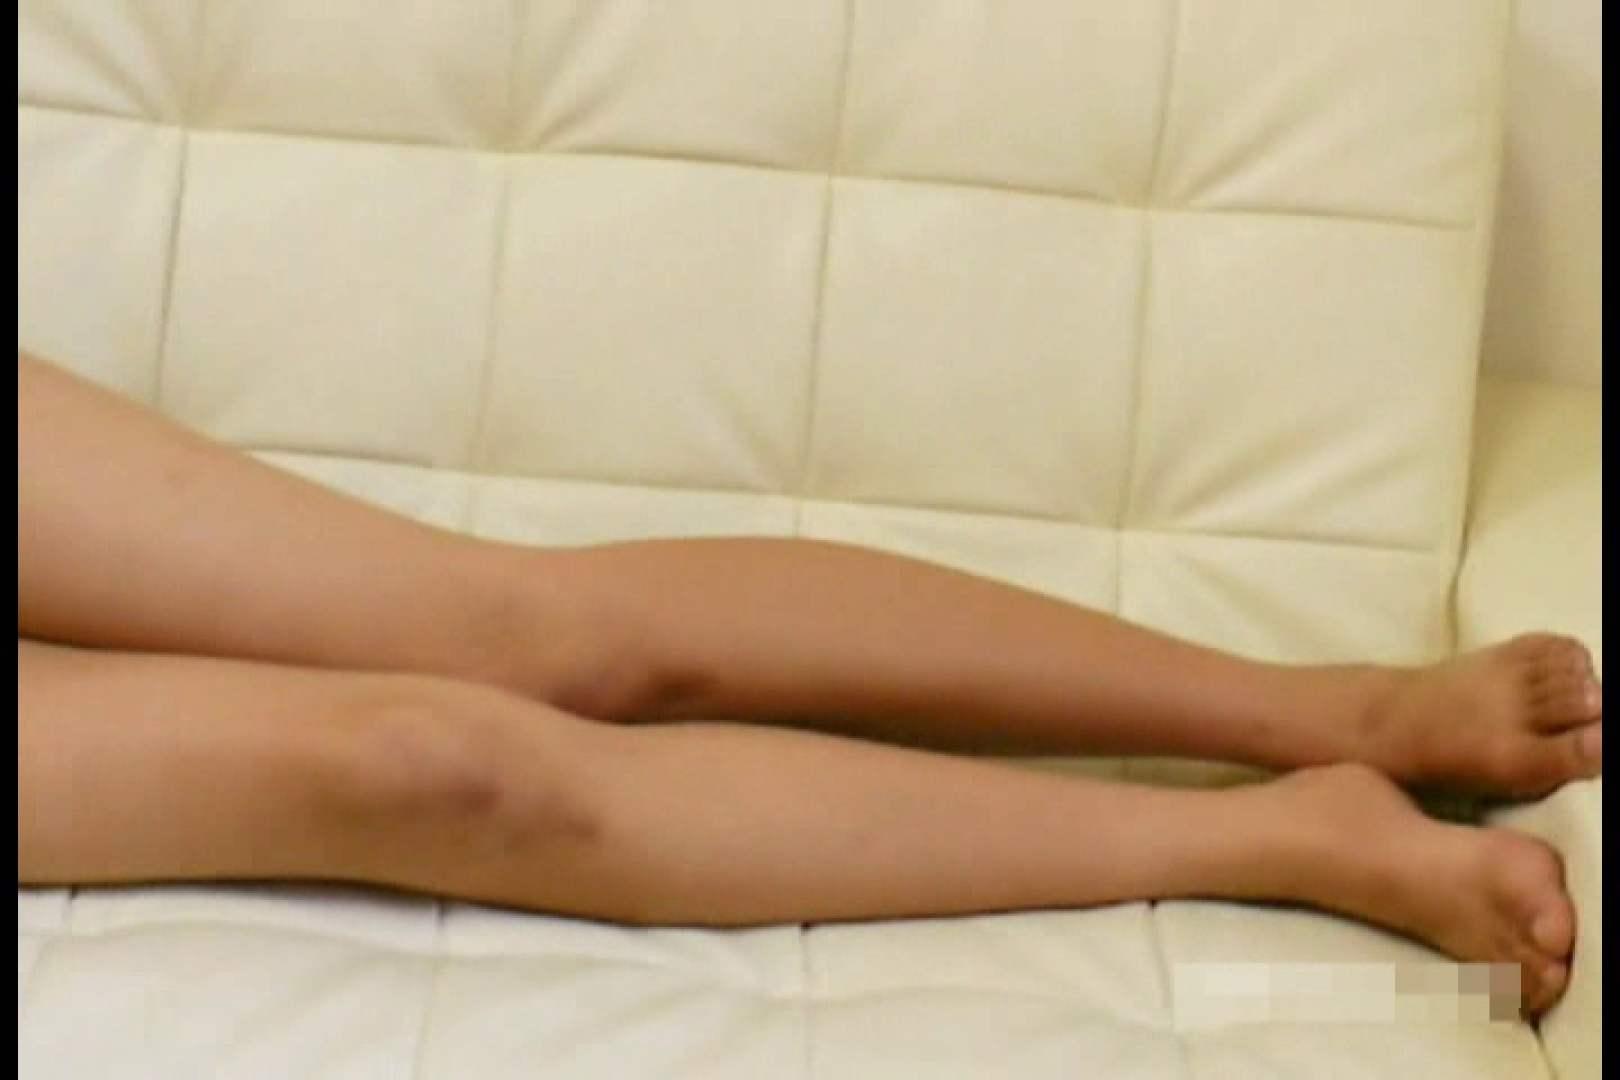 素人撮影 下着だけの撮影のはずが・・・エミちゃん18歳 丸見え えろ無修正画像 105連発 55